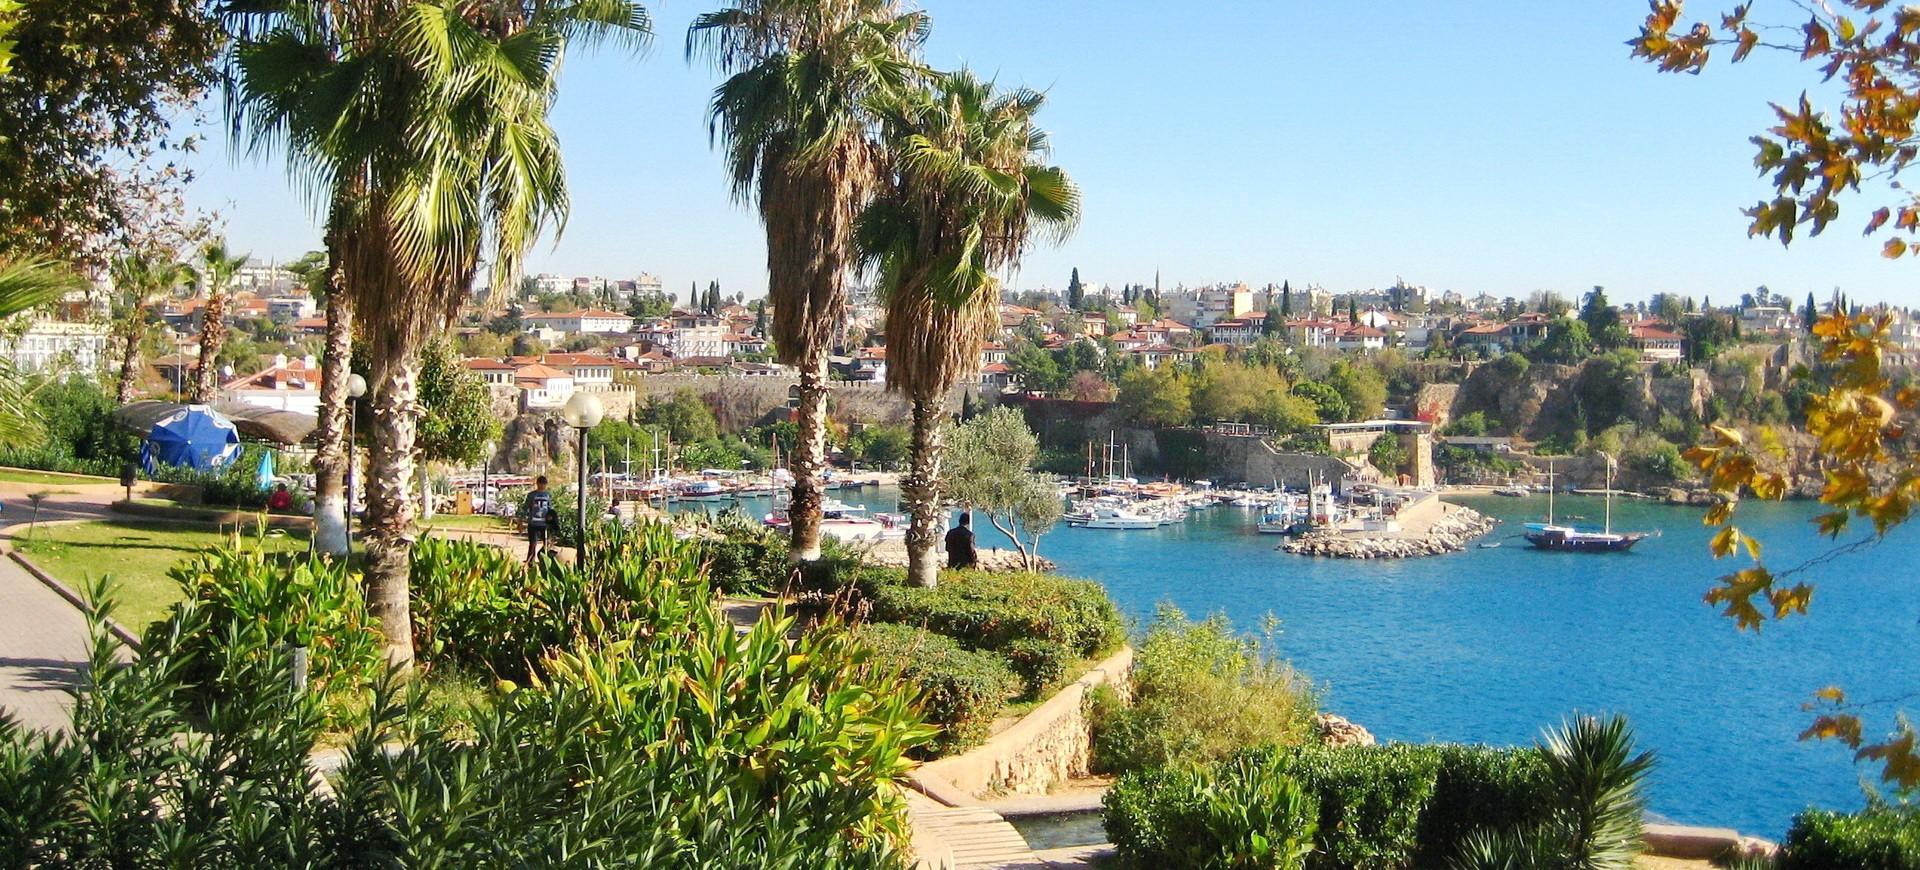 Turquie Antalya le petit port au bord de la mer Egée